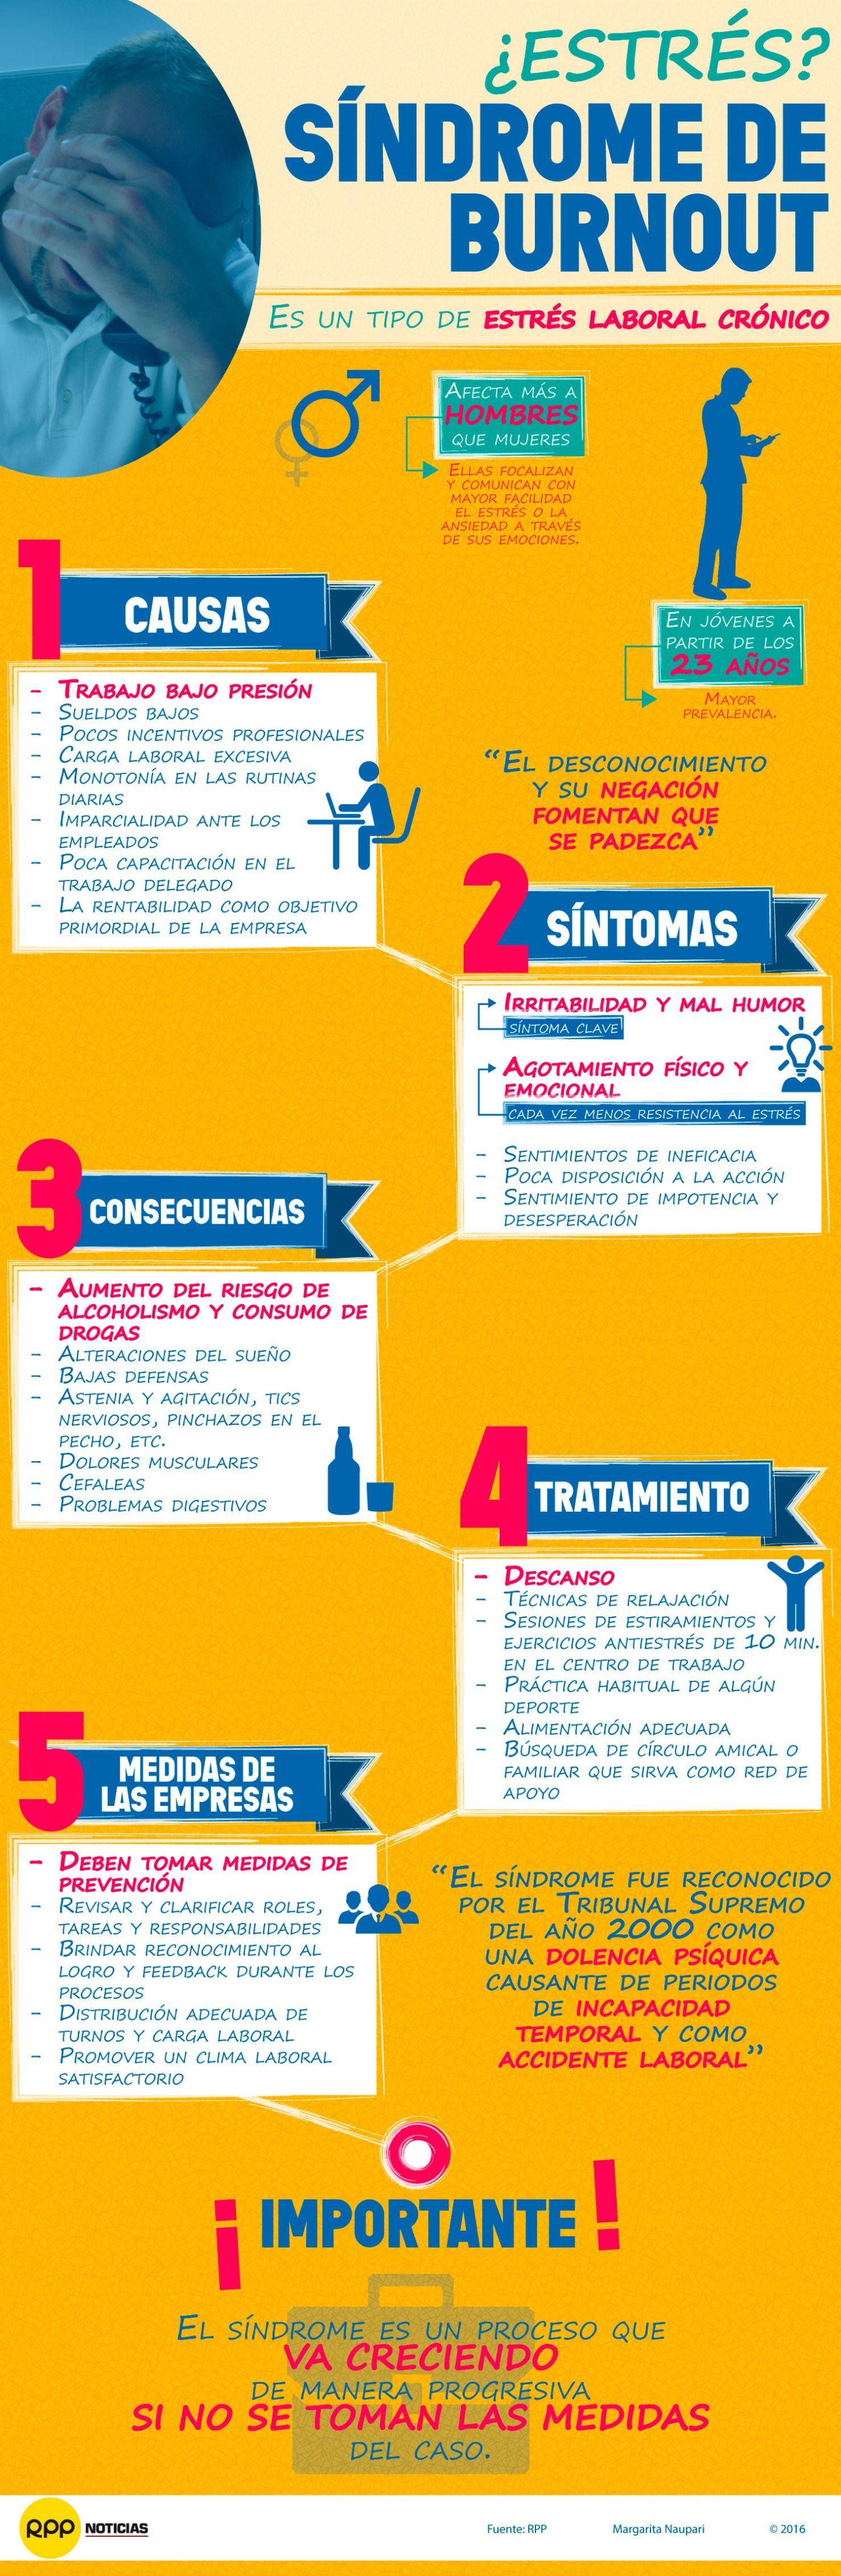 Sindrome De Burnout Estres Laboral Cronico Infografia Estres Laboral Psicologia Organizacional Estres En El Trabajo